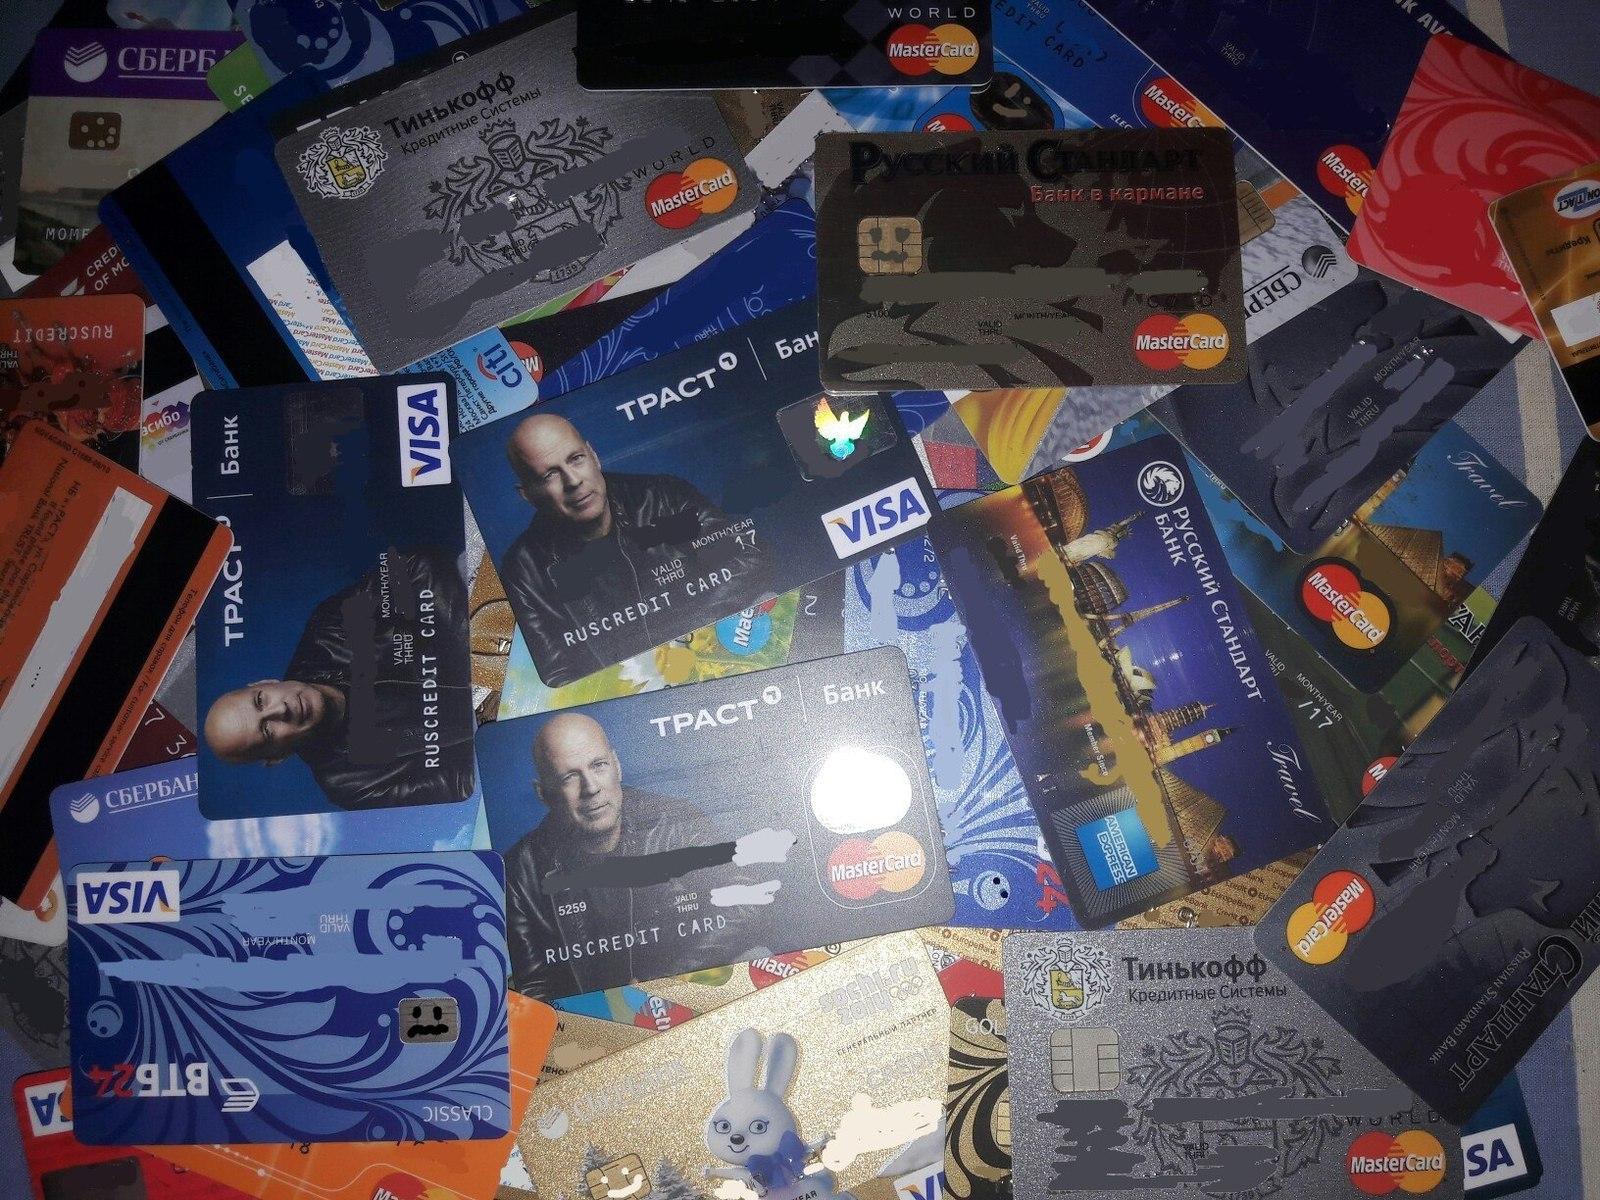 Кредит онлайн калькулятор почта банк